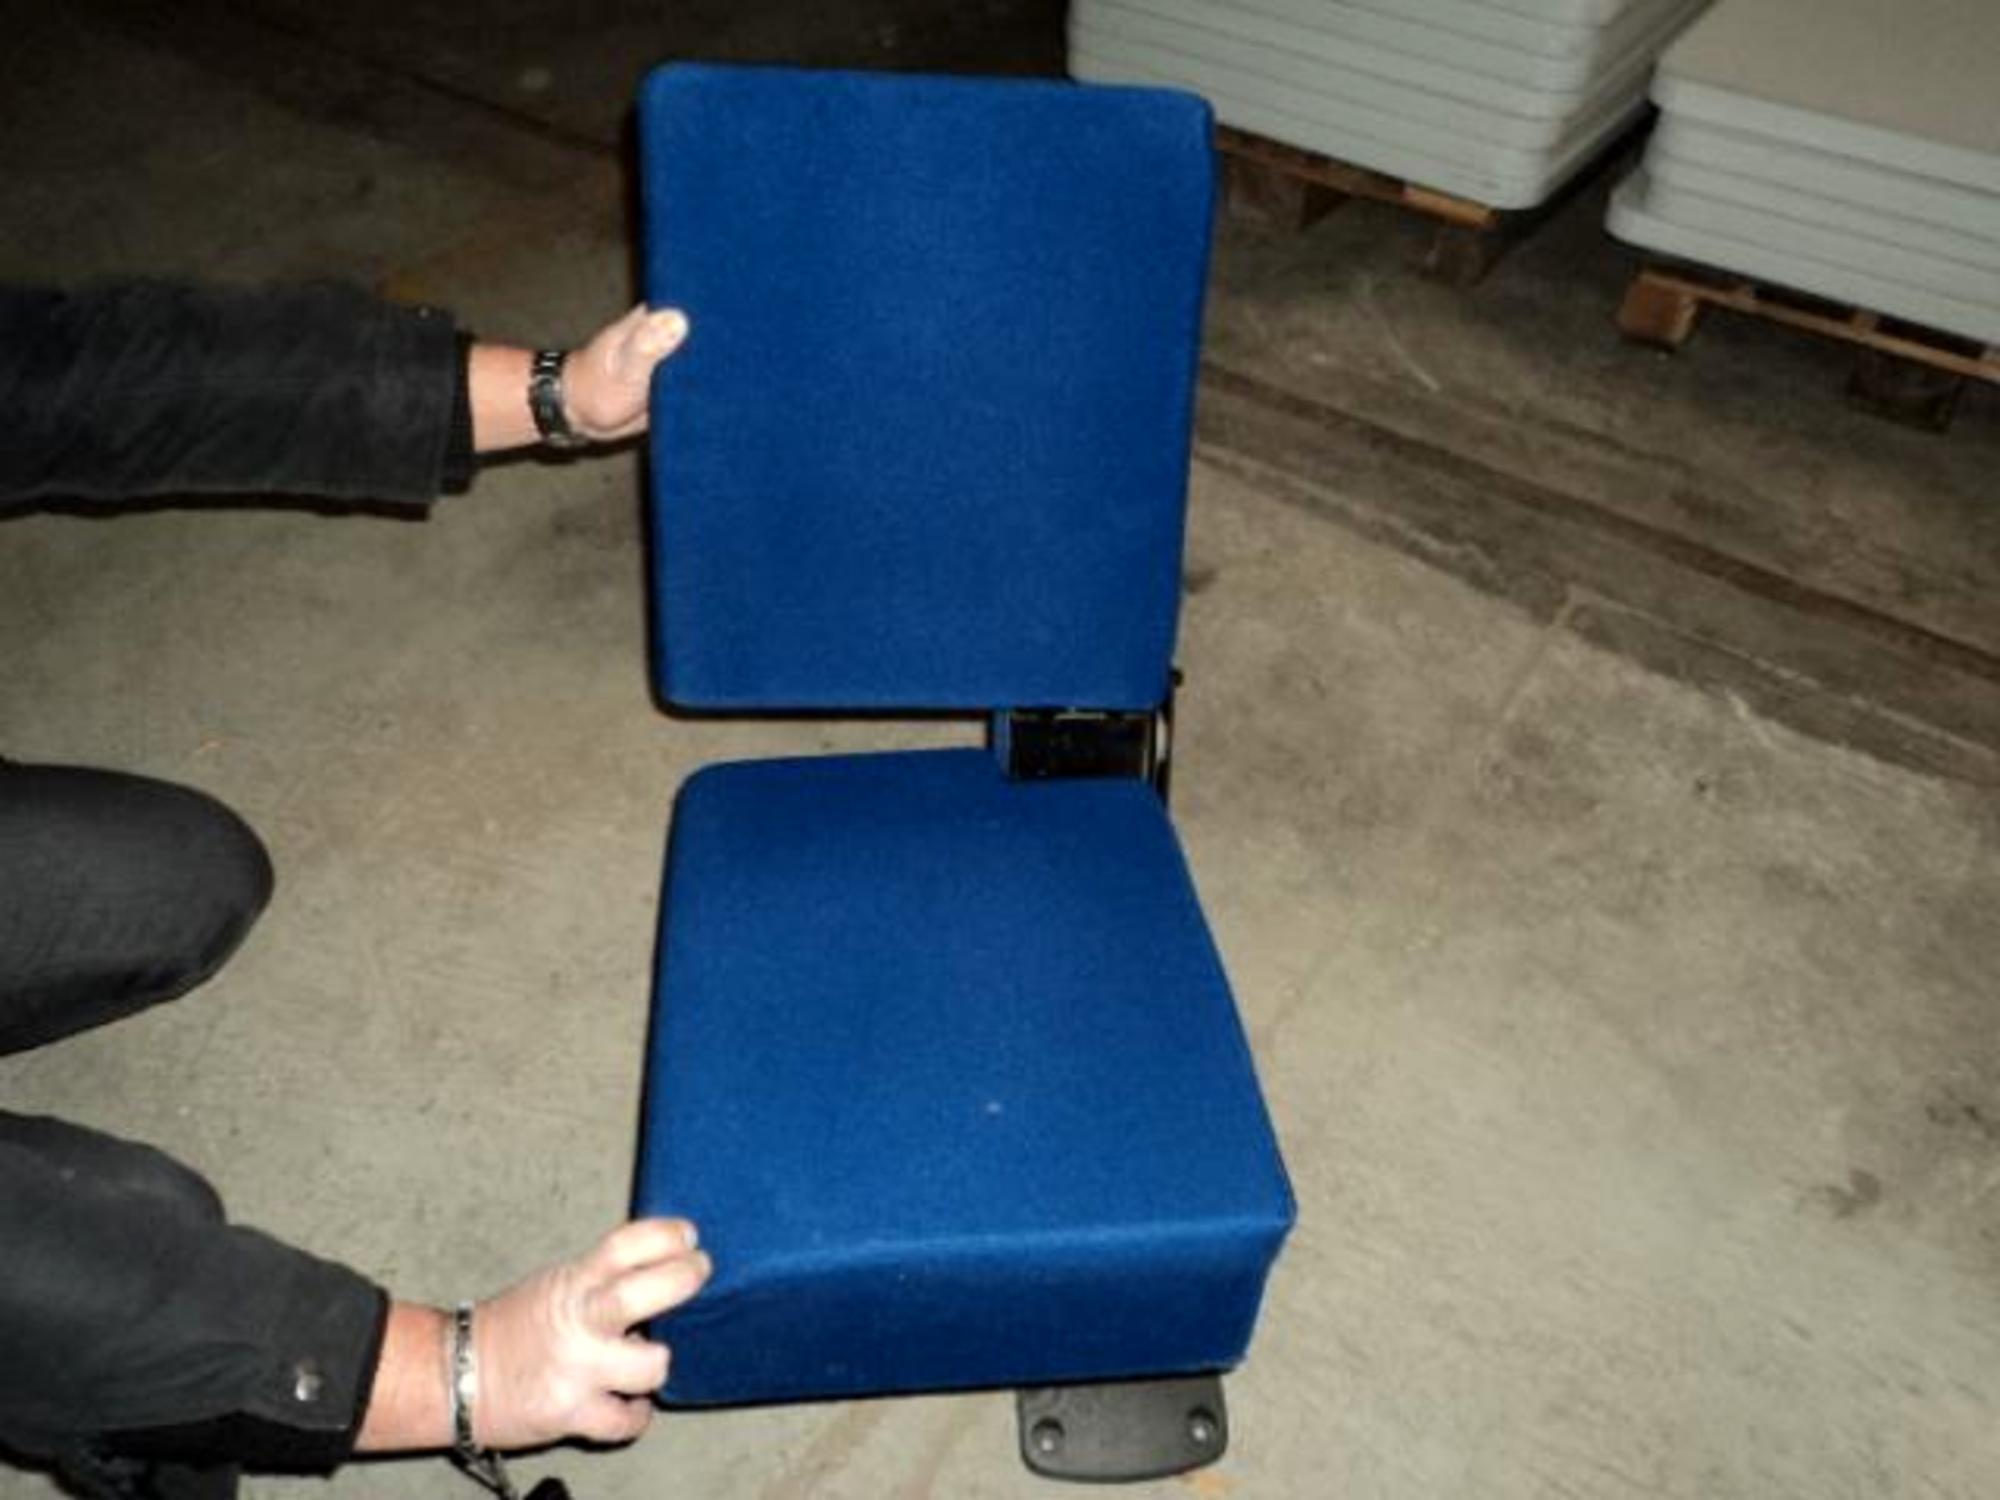 strapontin de cinema fauteuil d 39 occasion aux ench res agorastore. Black Bedroom Furniture Sets. Home Design Ideas